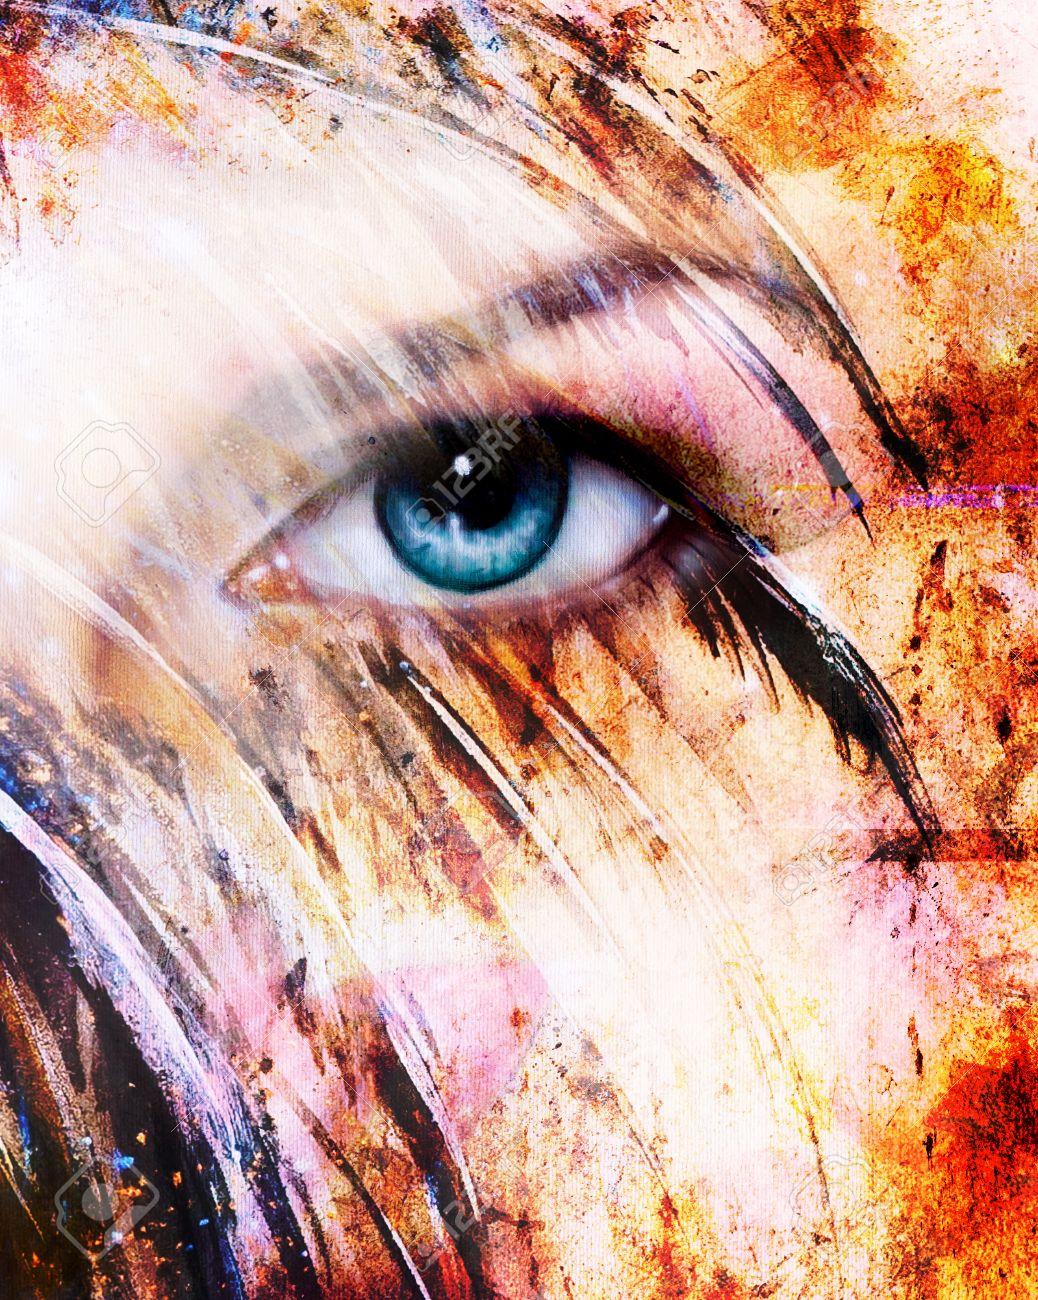 foto de archivo hermosa mujer azul radiante ojo efecto de plumas de colores collage de pintura maquillaje phoenix